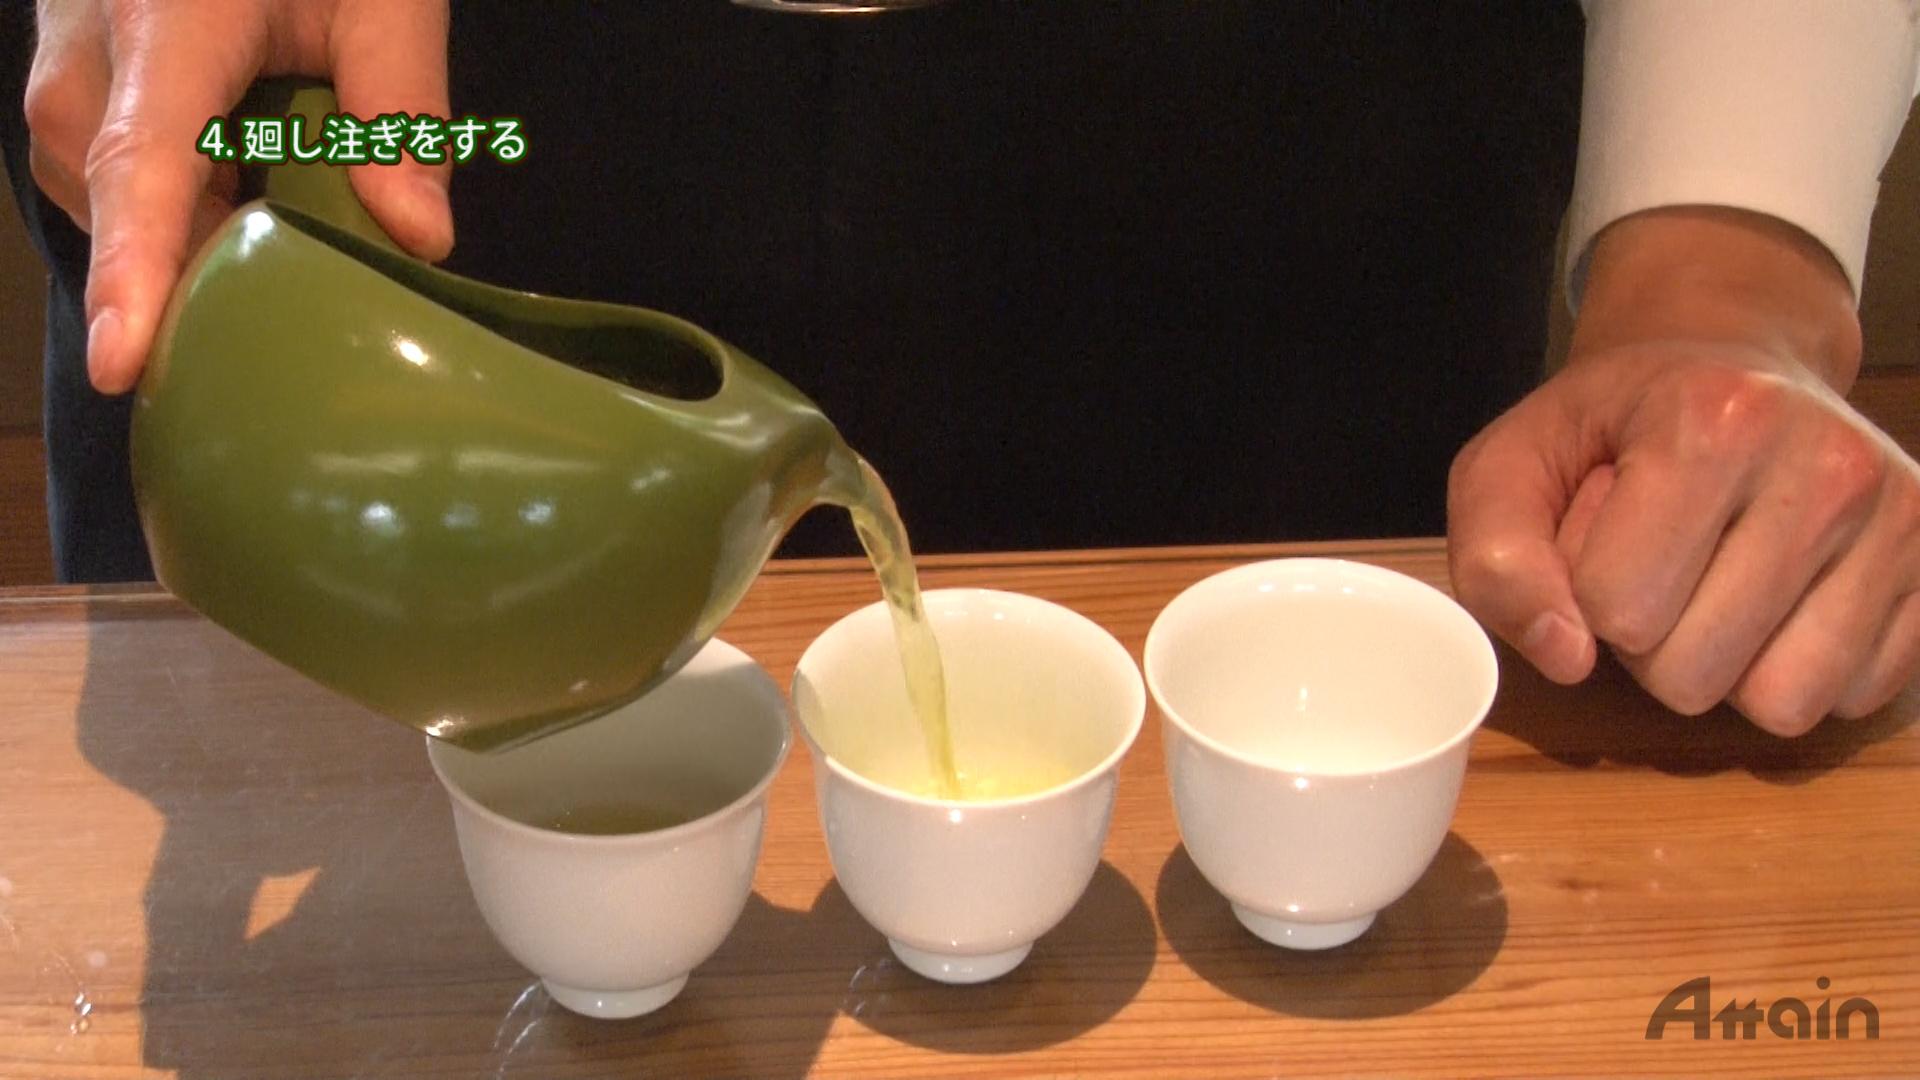 『おいしいお茶の淹れ方と八女茶の特徴』をYouTube【日本通TV】チャンネルに6月18日公開